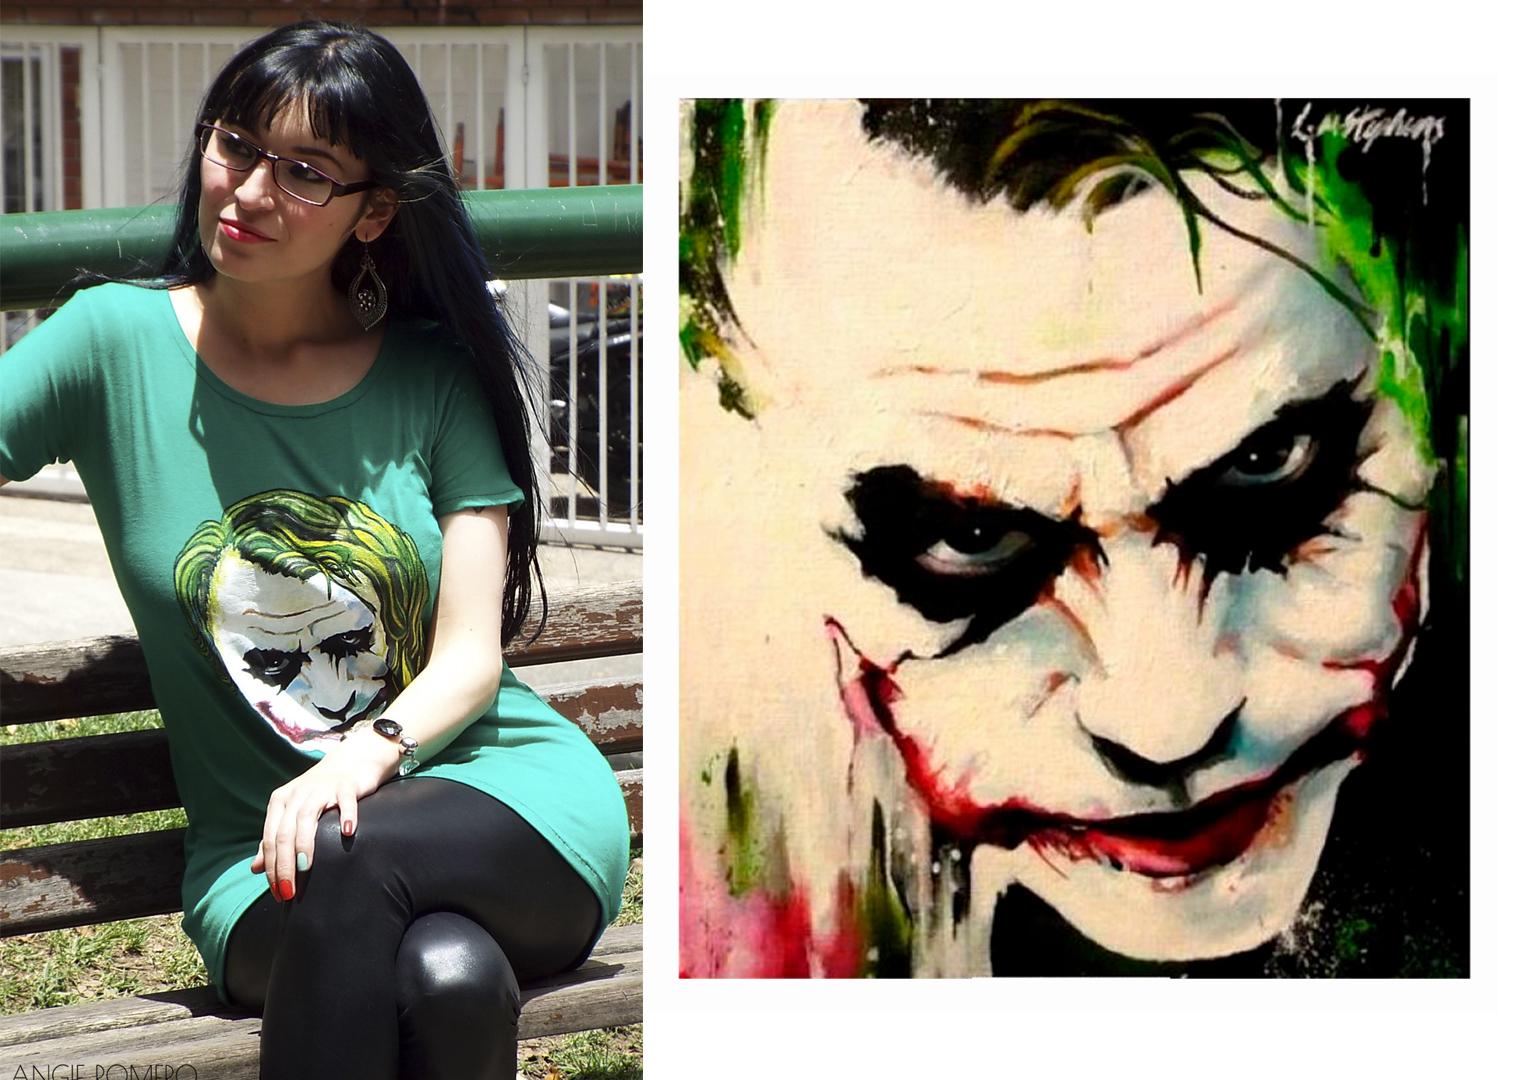 plantilla cara de joker para estampar en camiseta